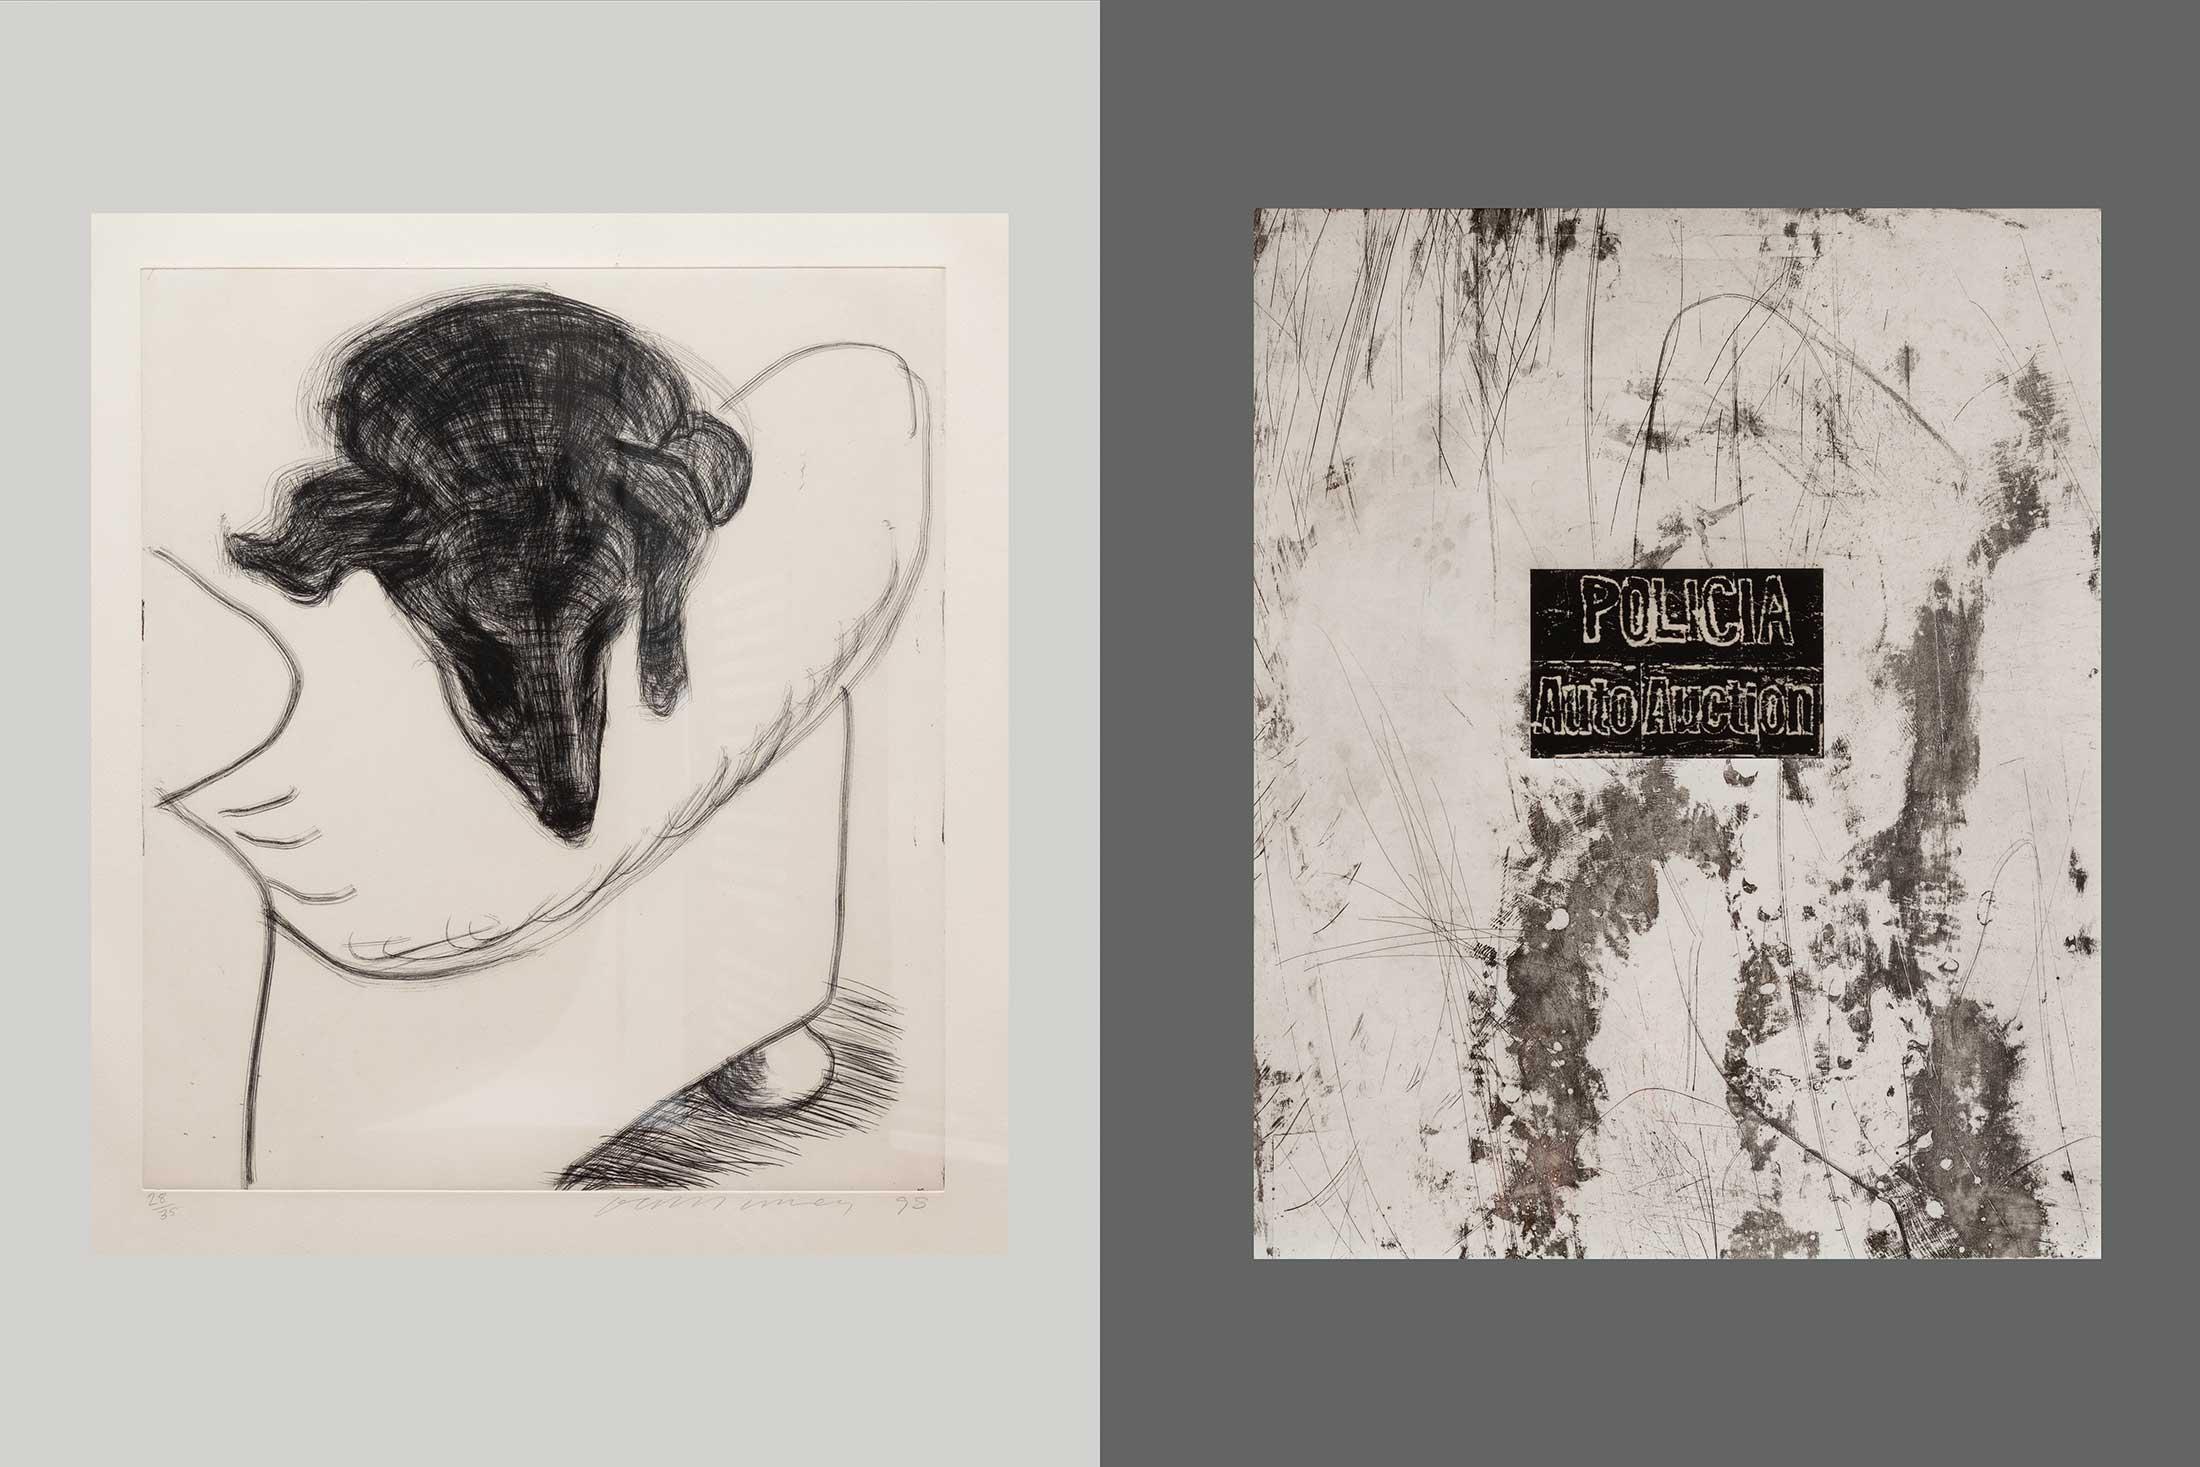 Left: Dog Etching No. 4 by David Hockney; Right: Untited by Mark Bradford